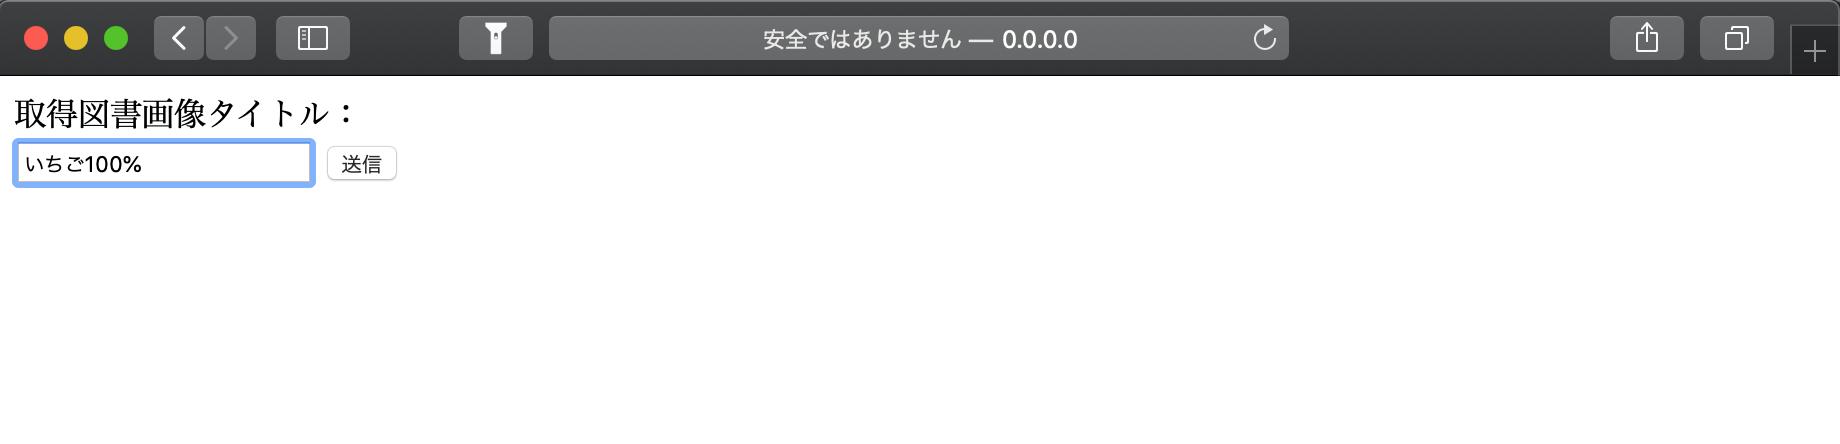 スクリーンショット 2020-04-03 21.42.24.png